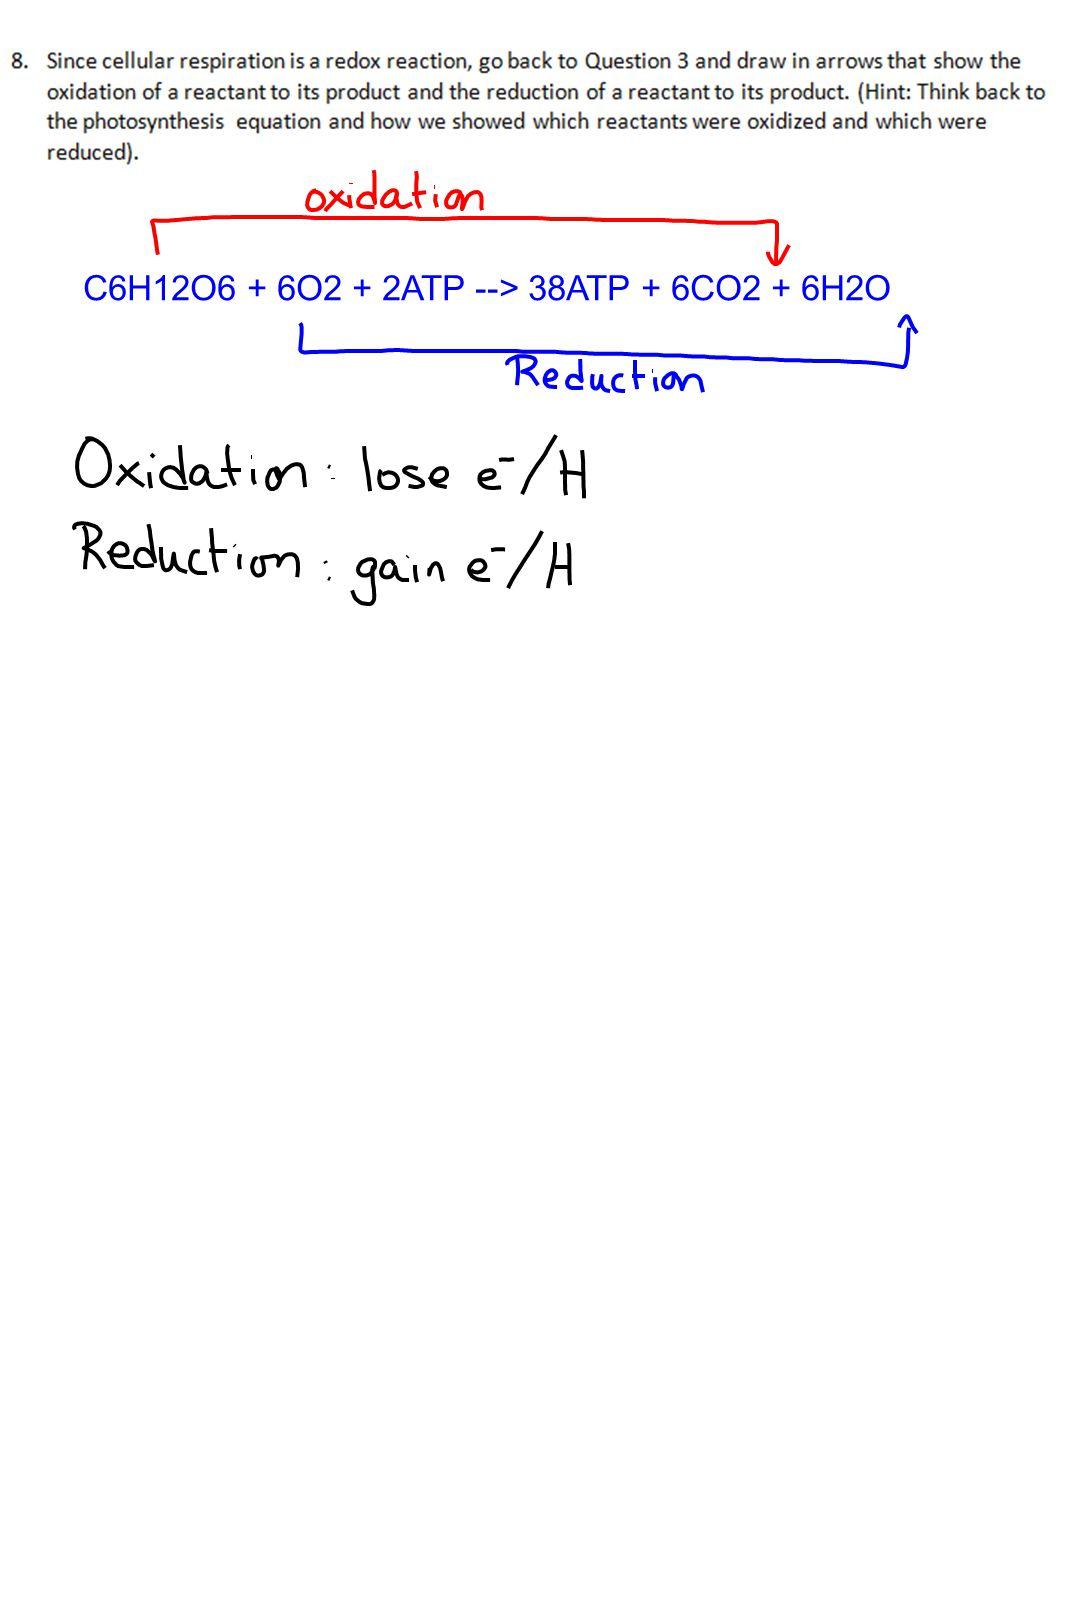 C6H12O6 + 6O2 + 2ATP --> 38ATP + 6CO2 + 6H2O